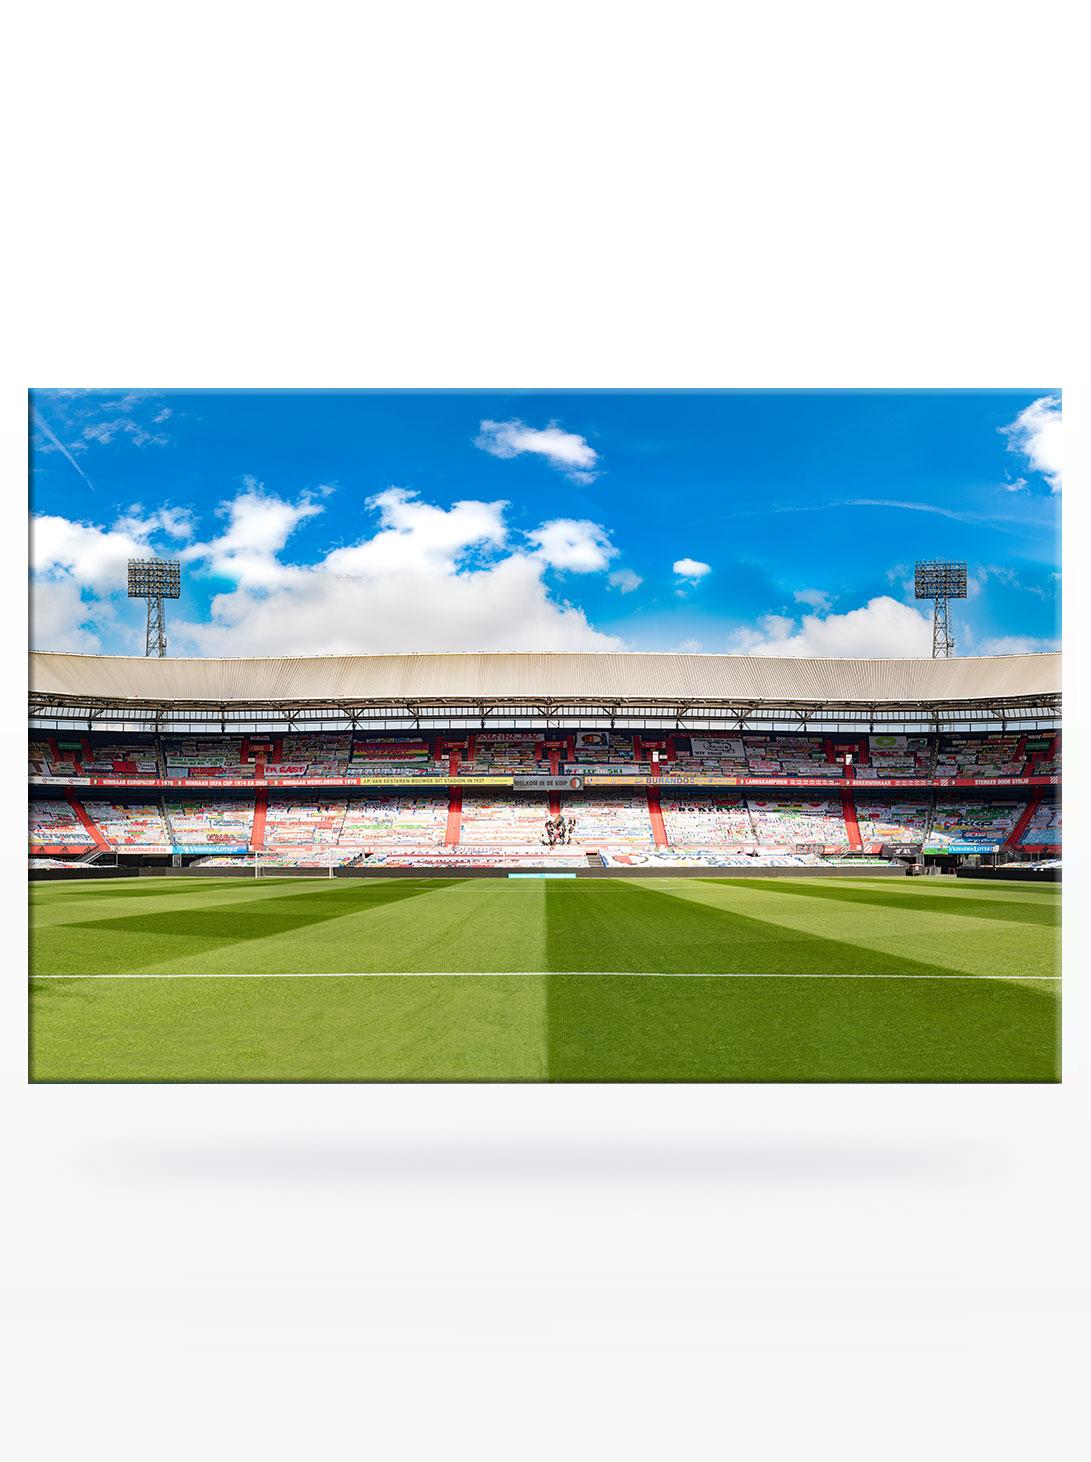 Panorama Stadiontribune Spandoeken Zee in De Kuip Feyenoord Rotterdam 2021